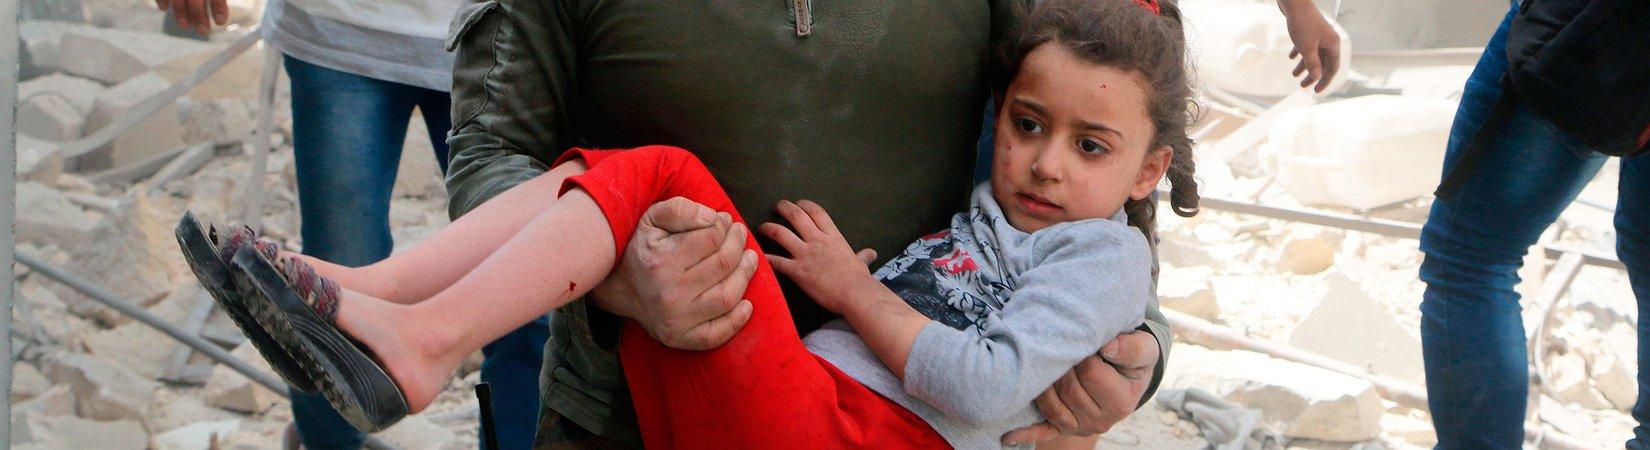 Aleppo bereitet sich auf den Krieg vor